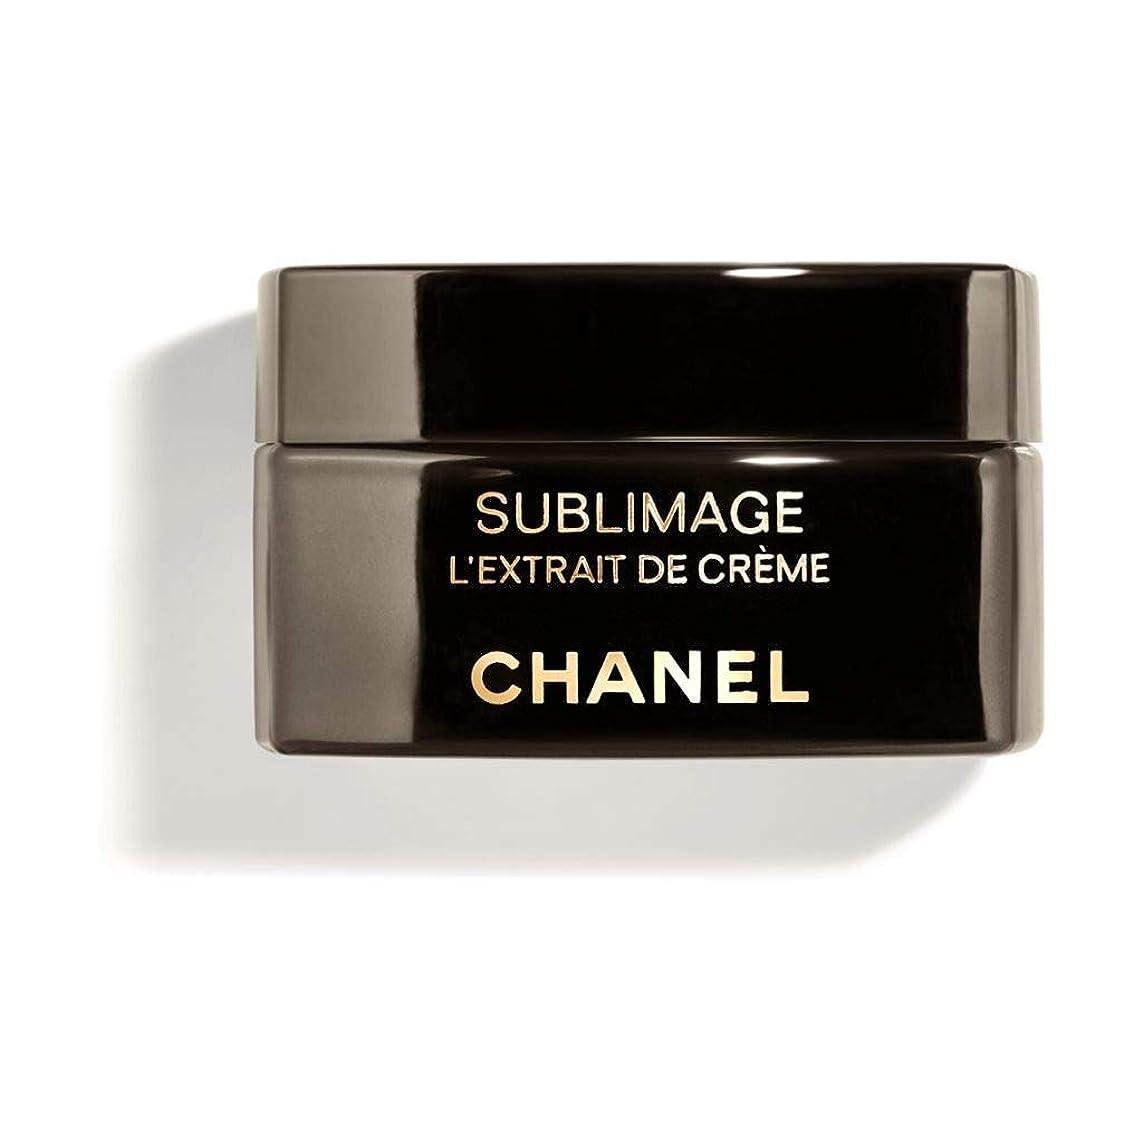 宗教的な自分自身マークダウンCHANEL(シャネル) SUBLIMAGE L EXTRAIT DE CREME サブリマージュ レクストレ ドゥ クレーム 50g